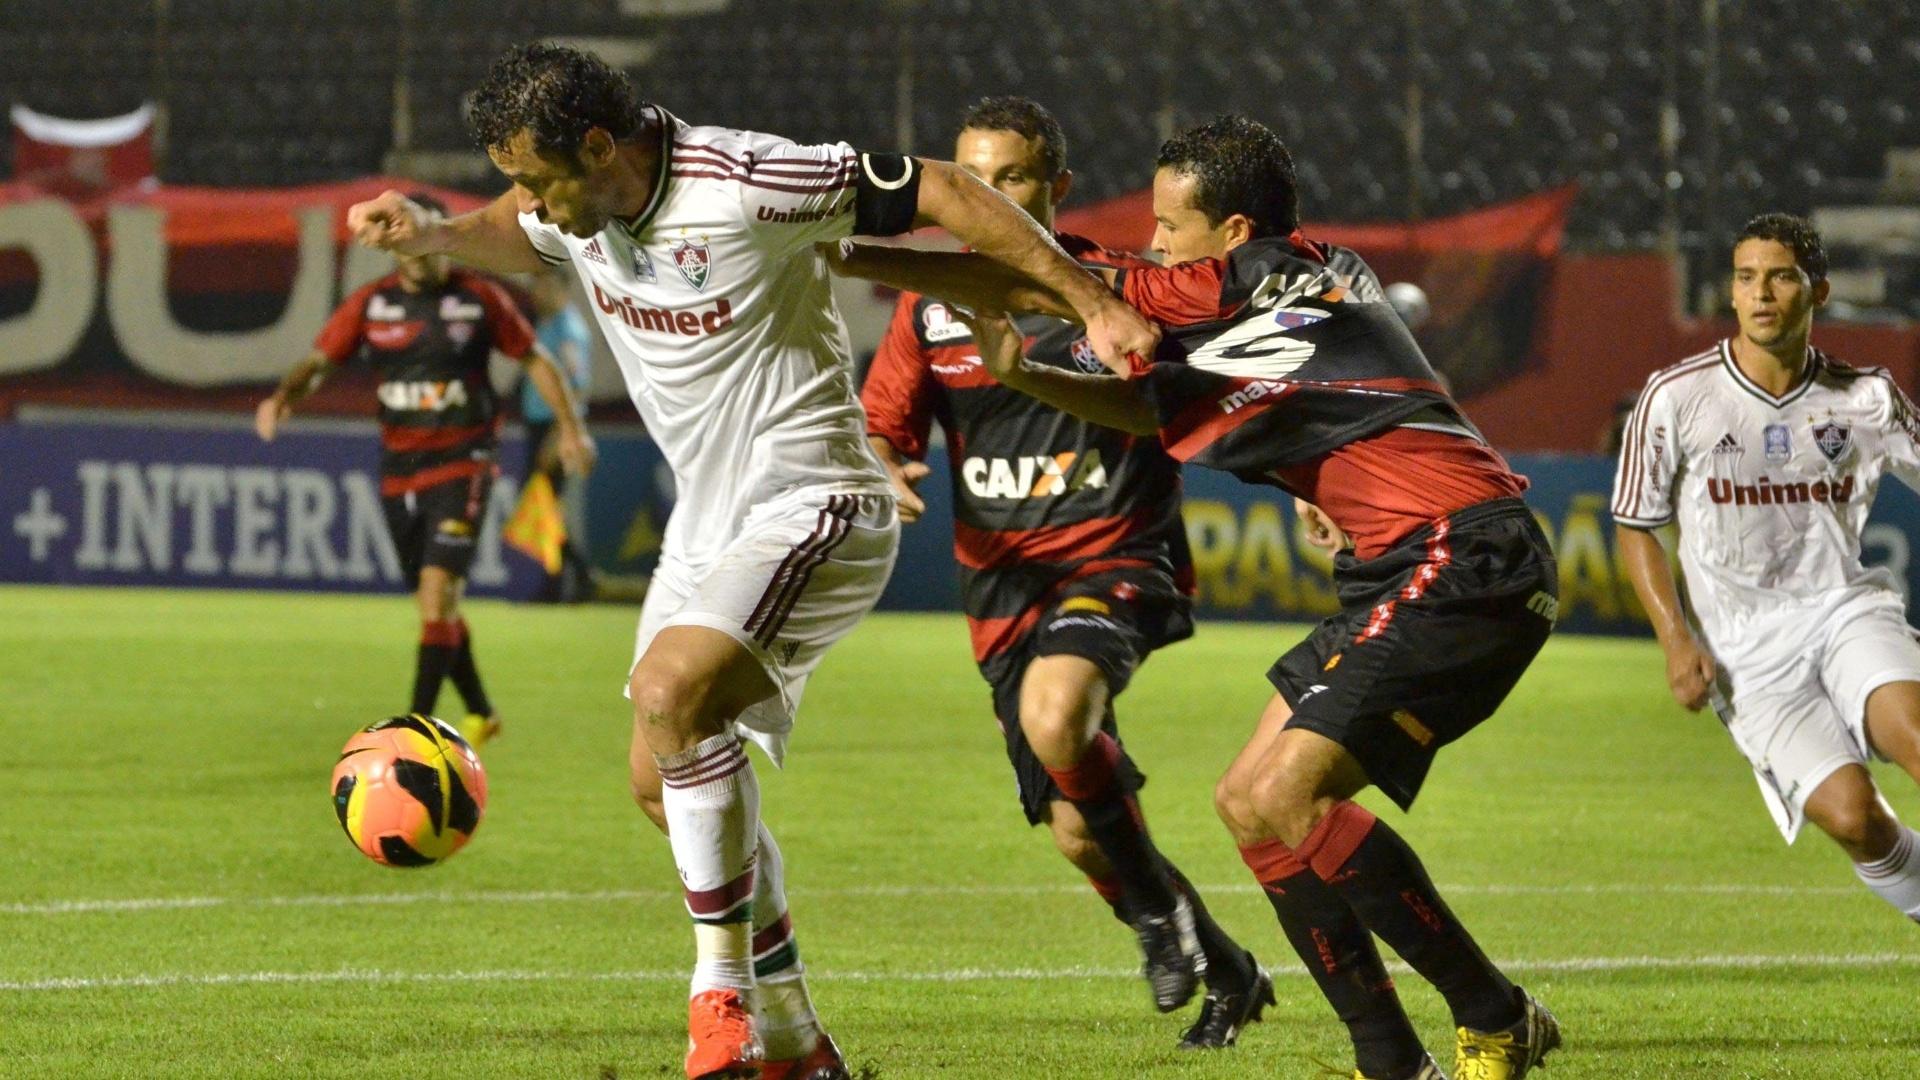 07.08.13 - Fred, do Fluminense, domina a bola na partida contra o Vitória pelo Brasileirão